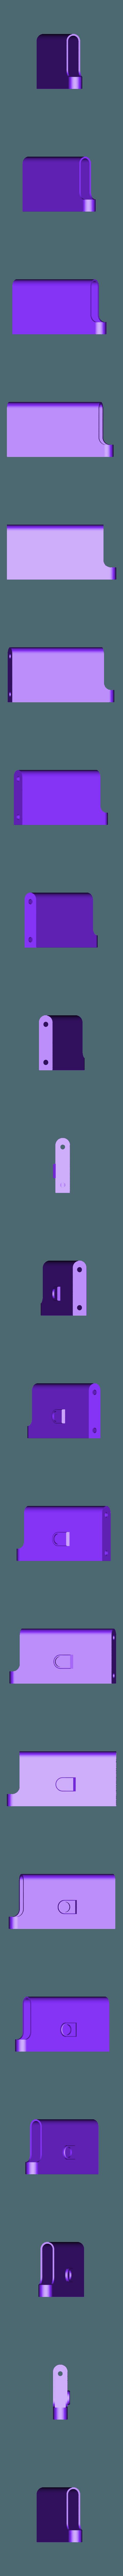 magazine.stl Télécharger fichier STL gratuit EPIC 6 stage coilgun • Objet pour impression 3D, Gyro